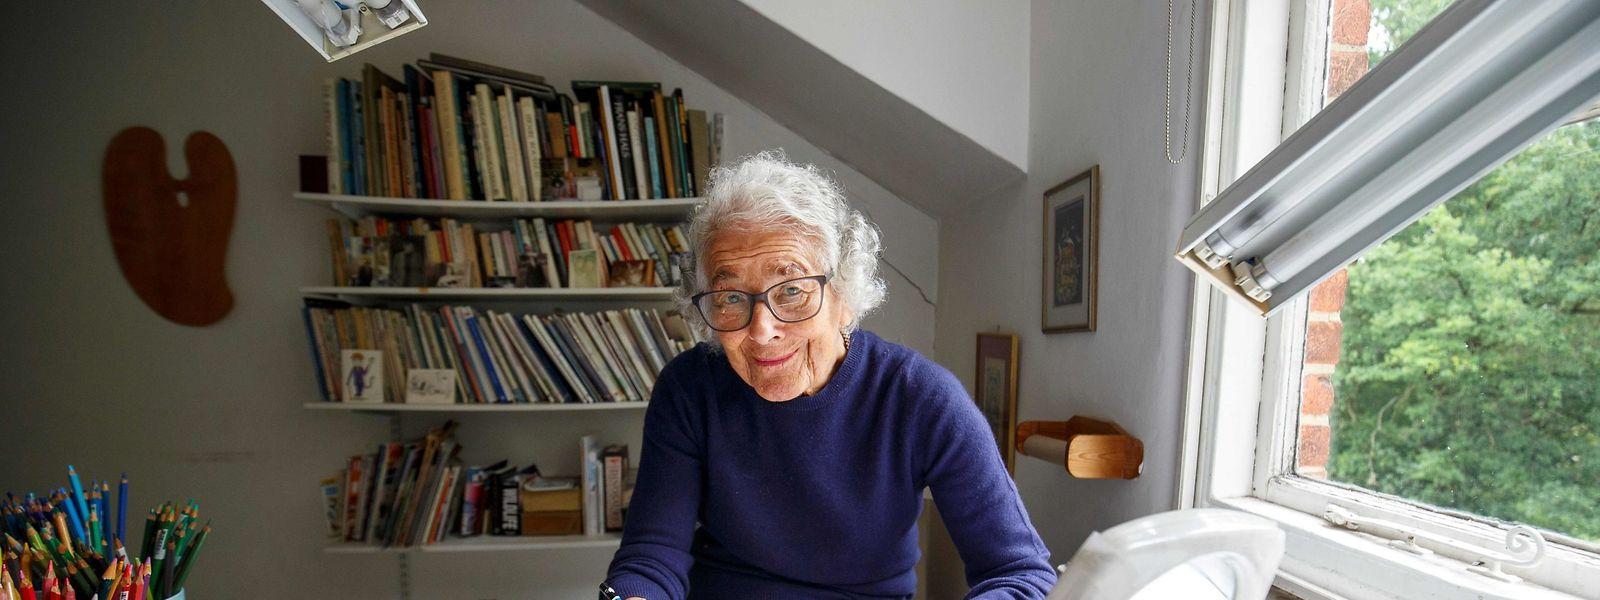 Die Kinderbuchautorin Judith Kerr, in ihrem Haus in West-London im Juni 2018.